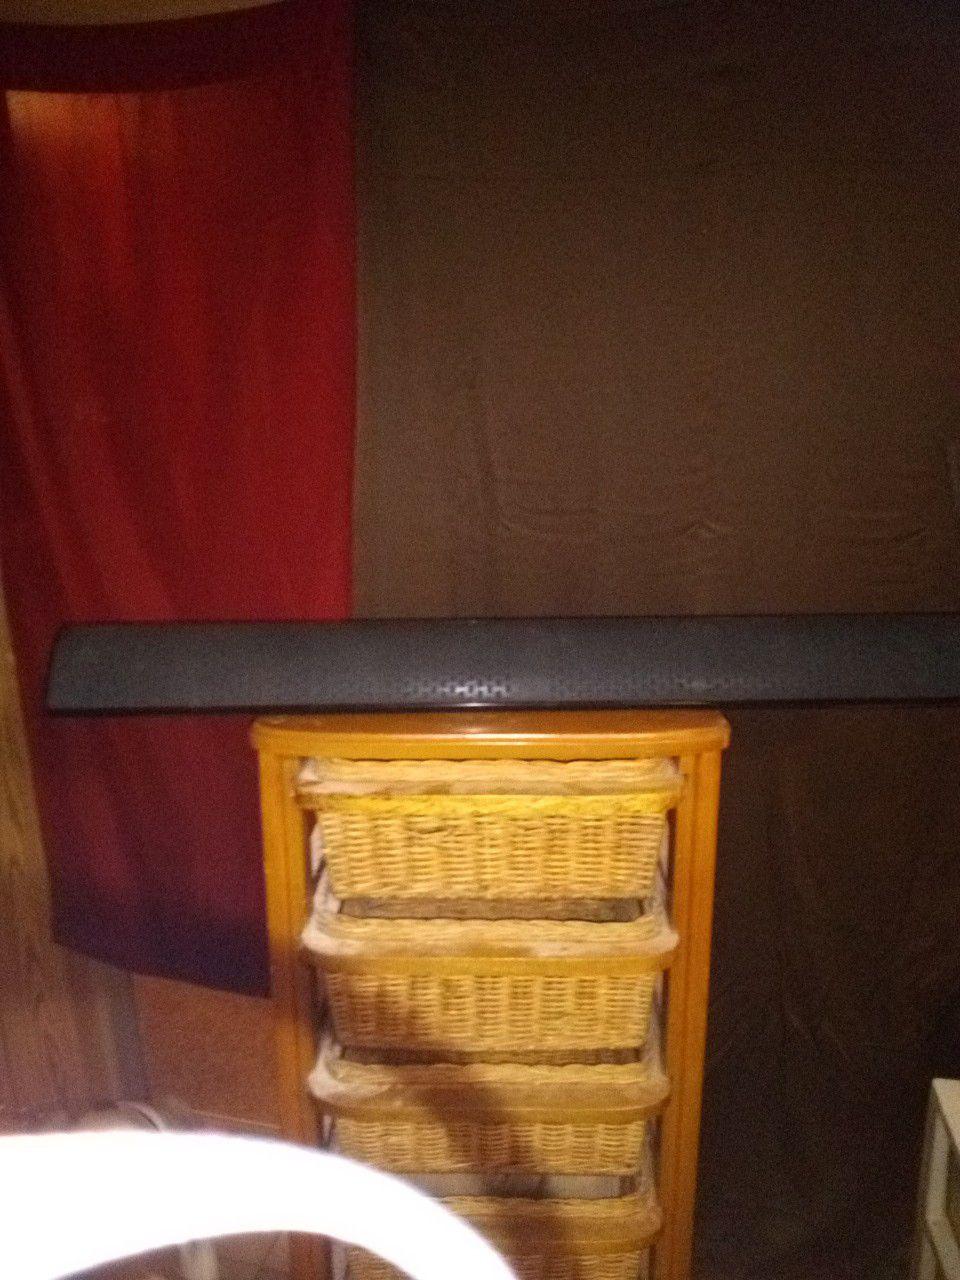 Ilive sound bar